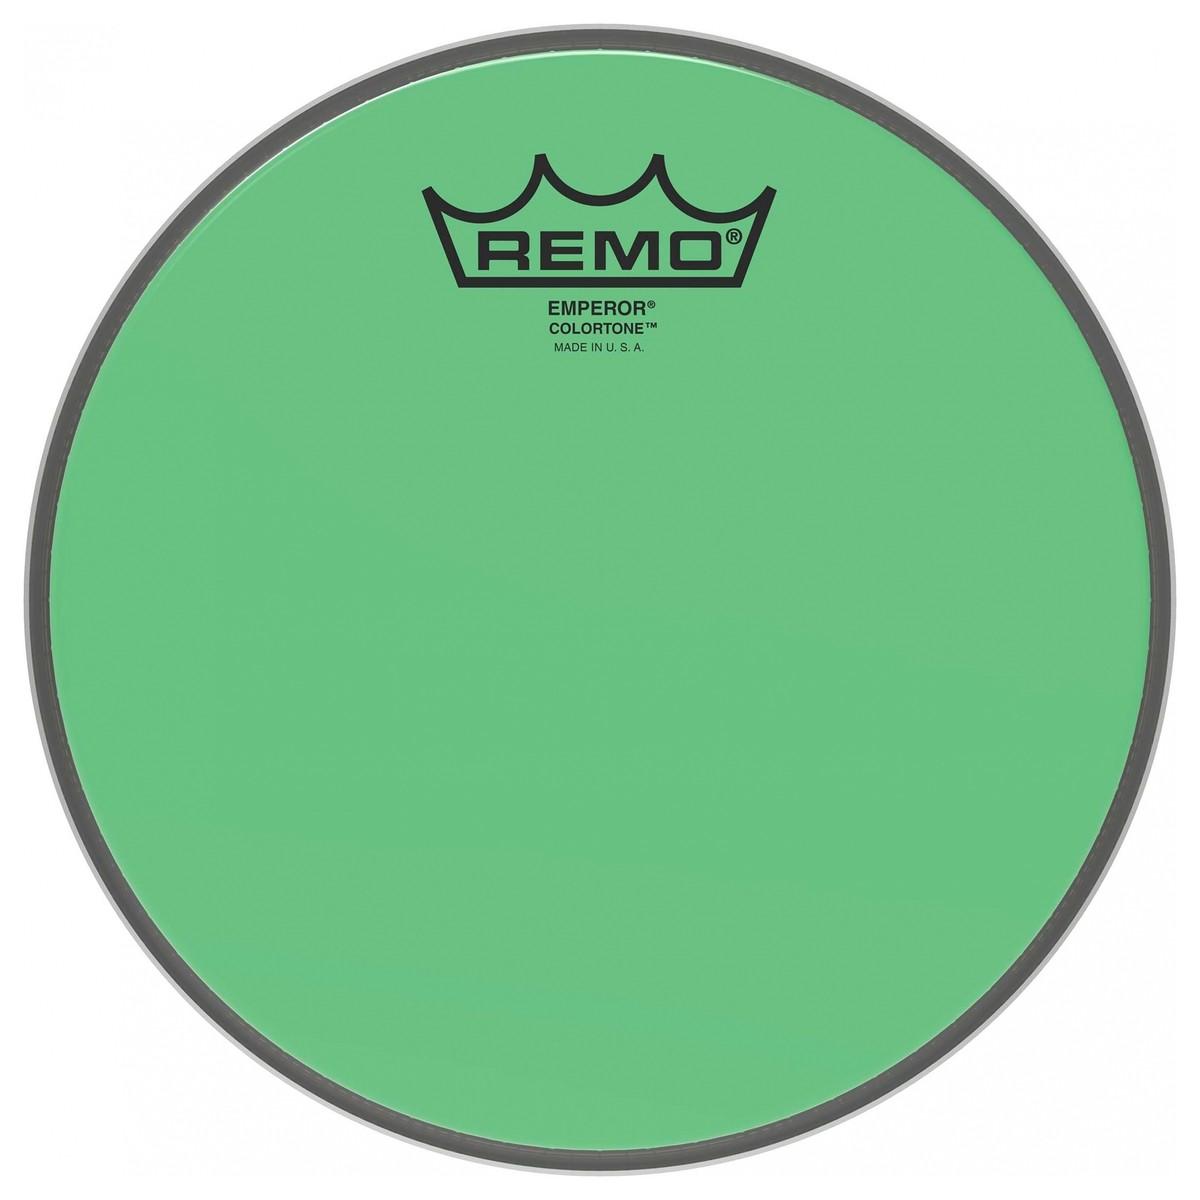 Remo Emperor Colortone Green 15 Drum Head